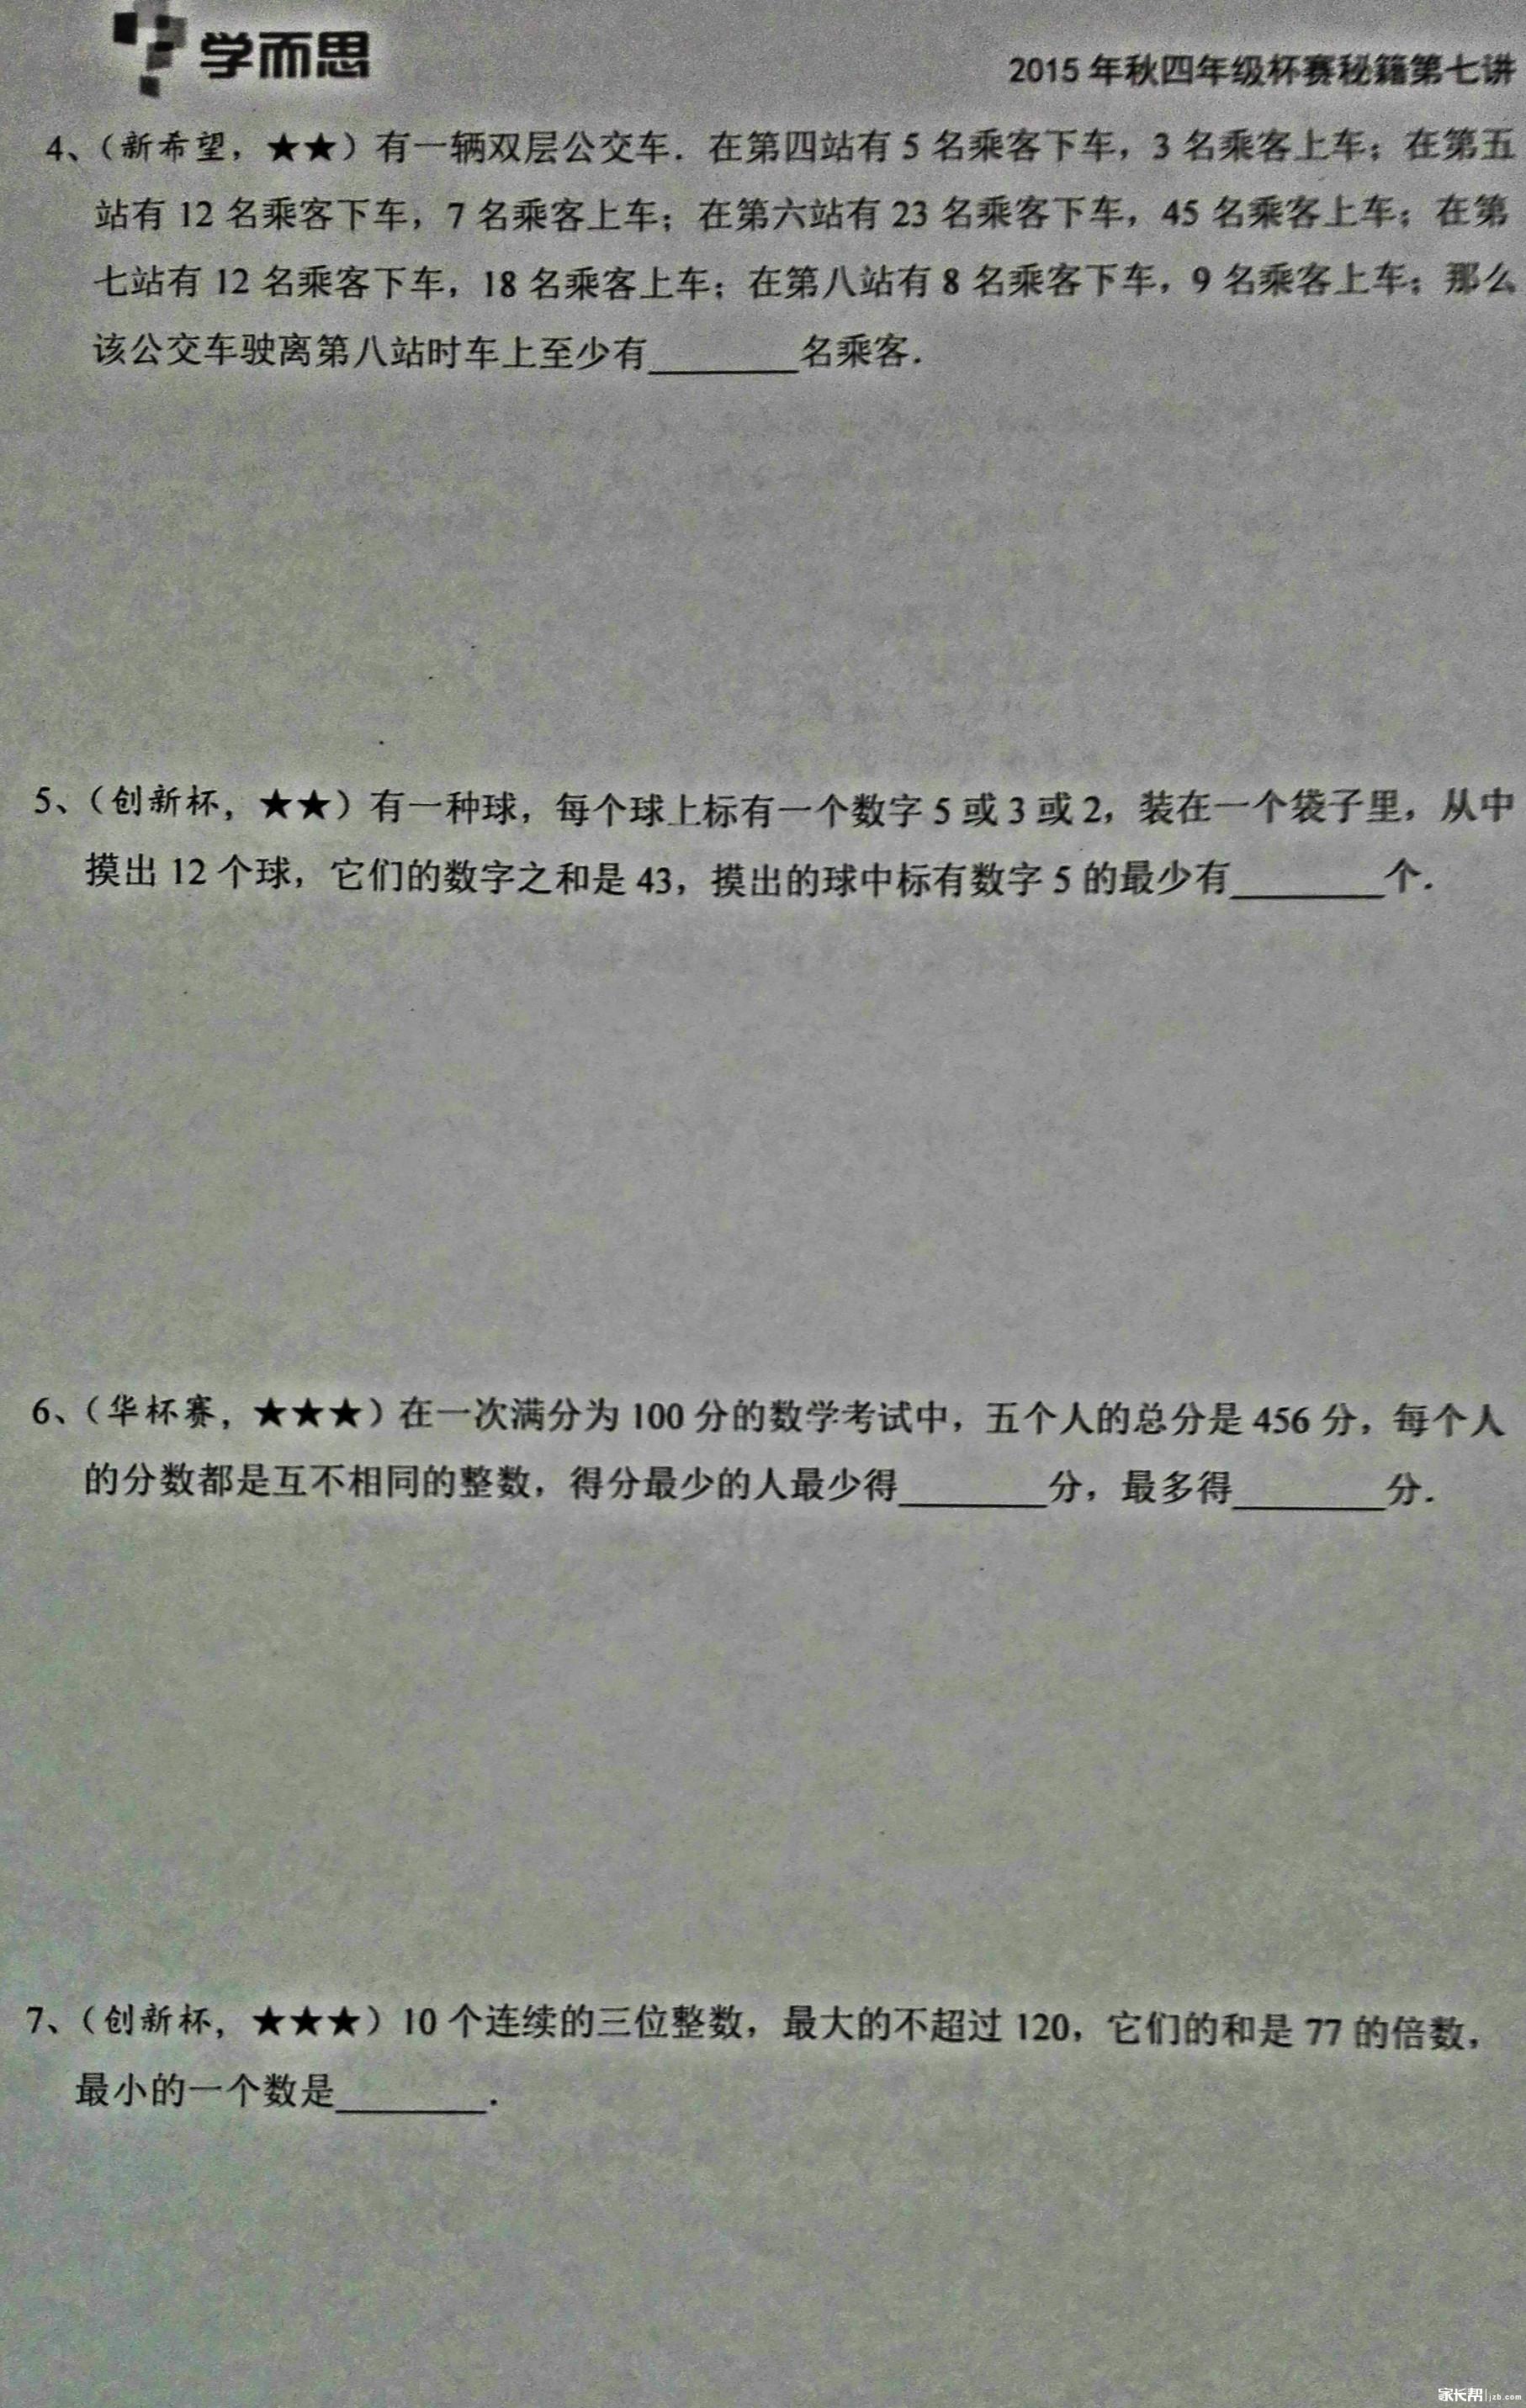 试卷2_meitu_2.jpg